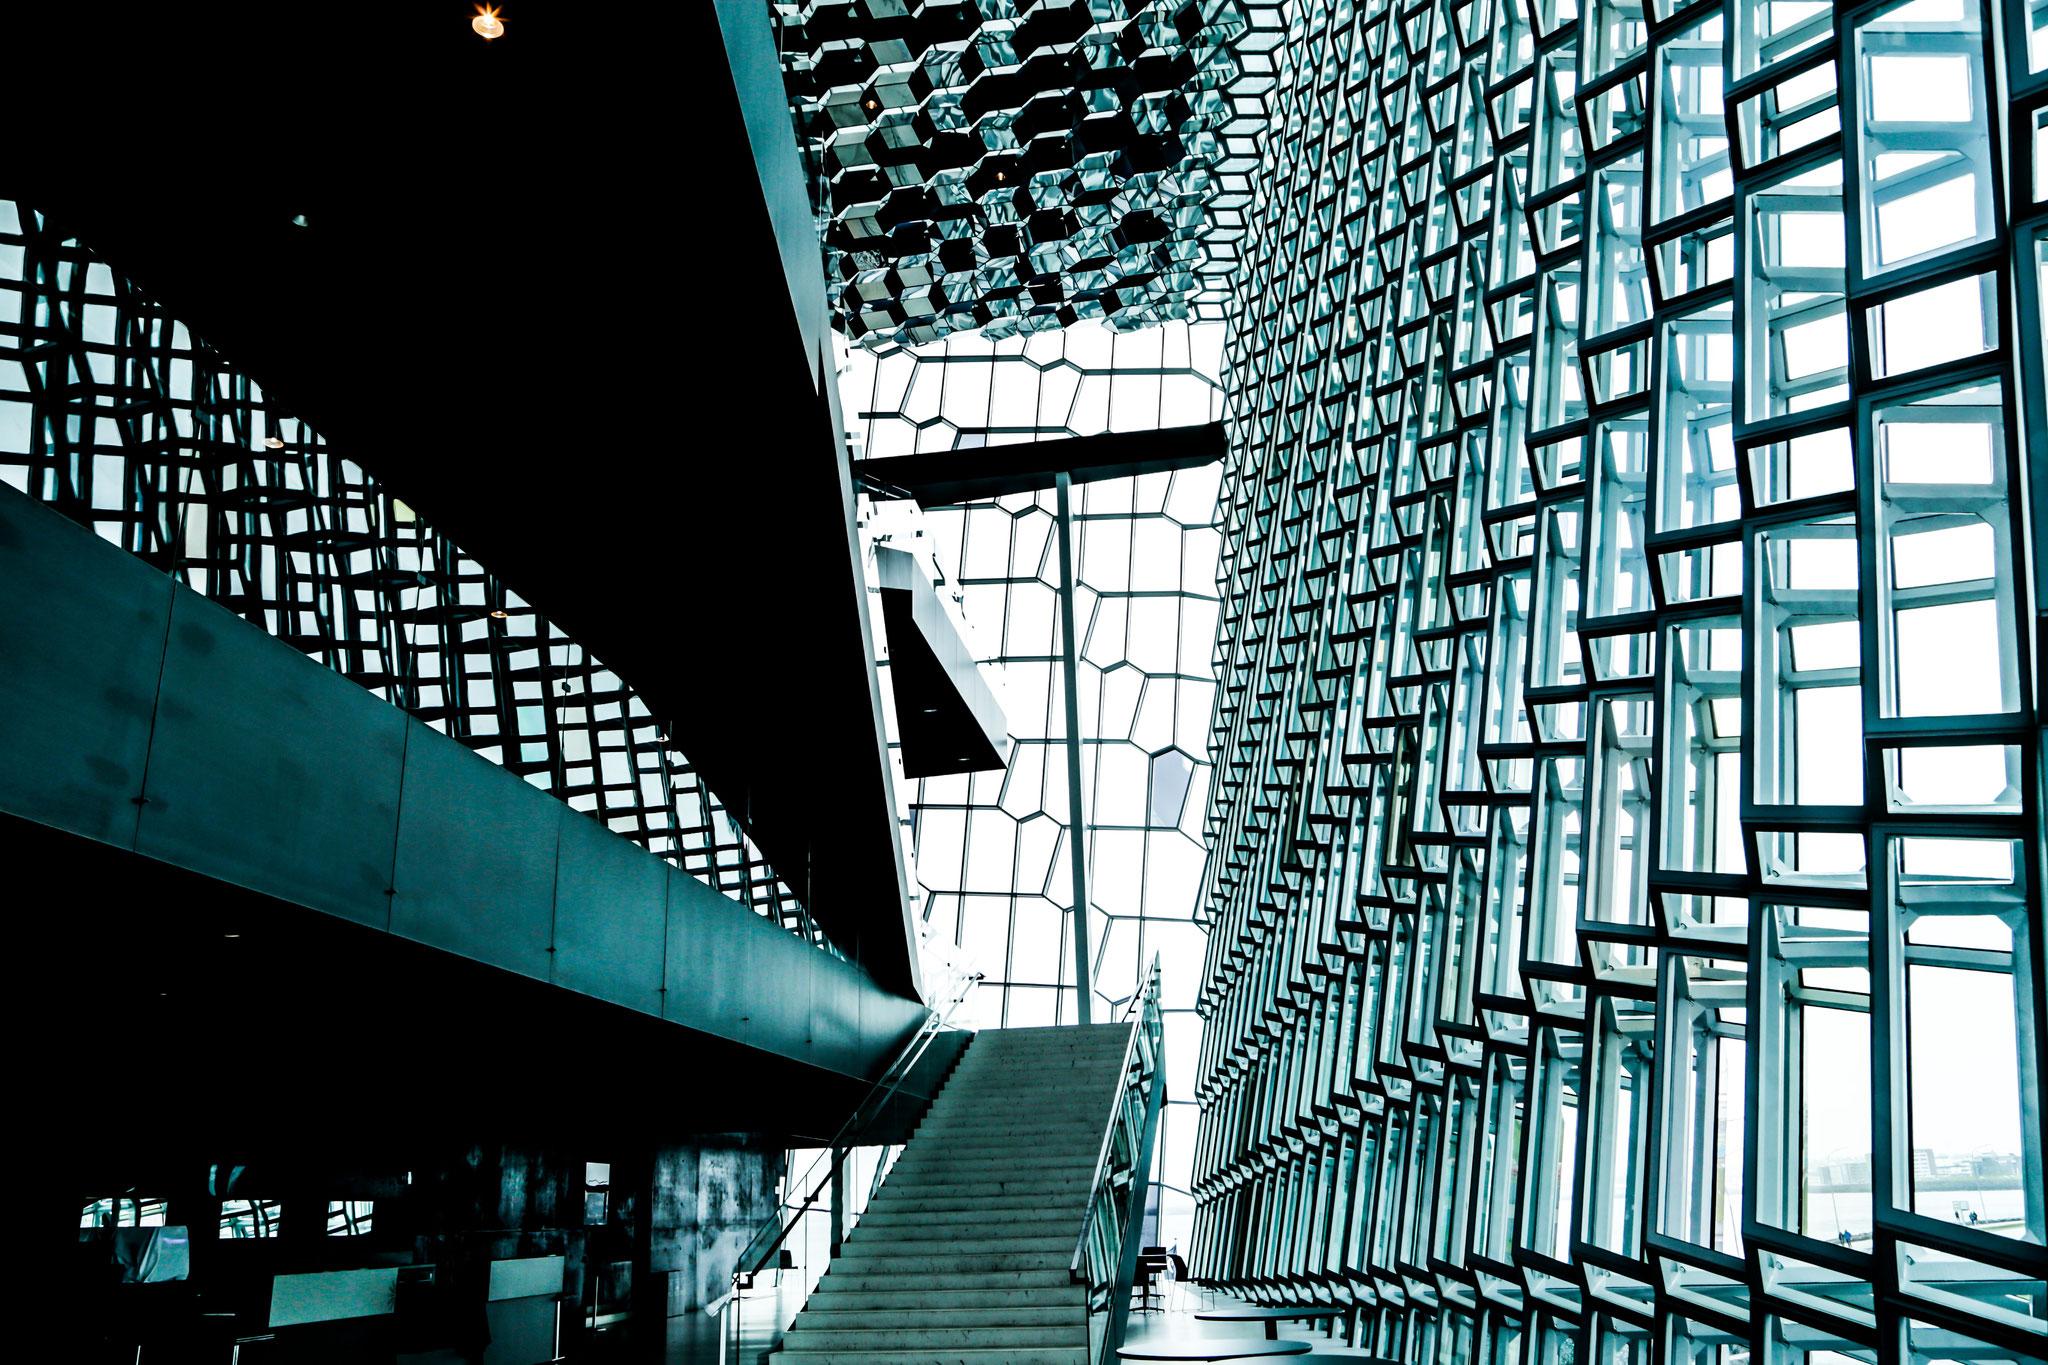 Reykjavik - Konzert- und Kongresshalle Harpa, 2011 eröffnet